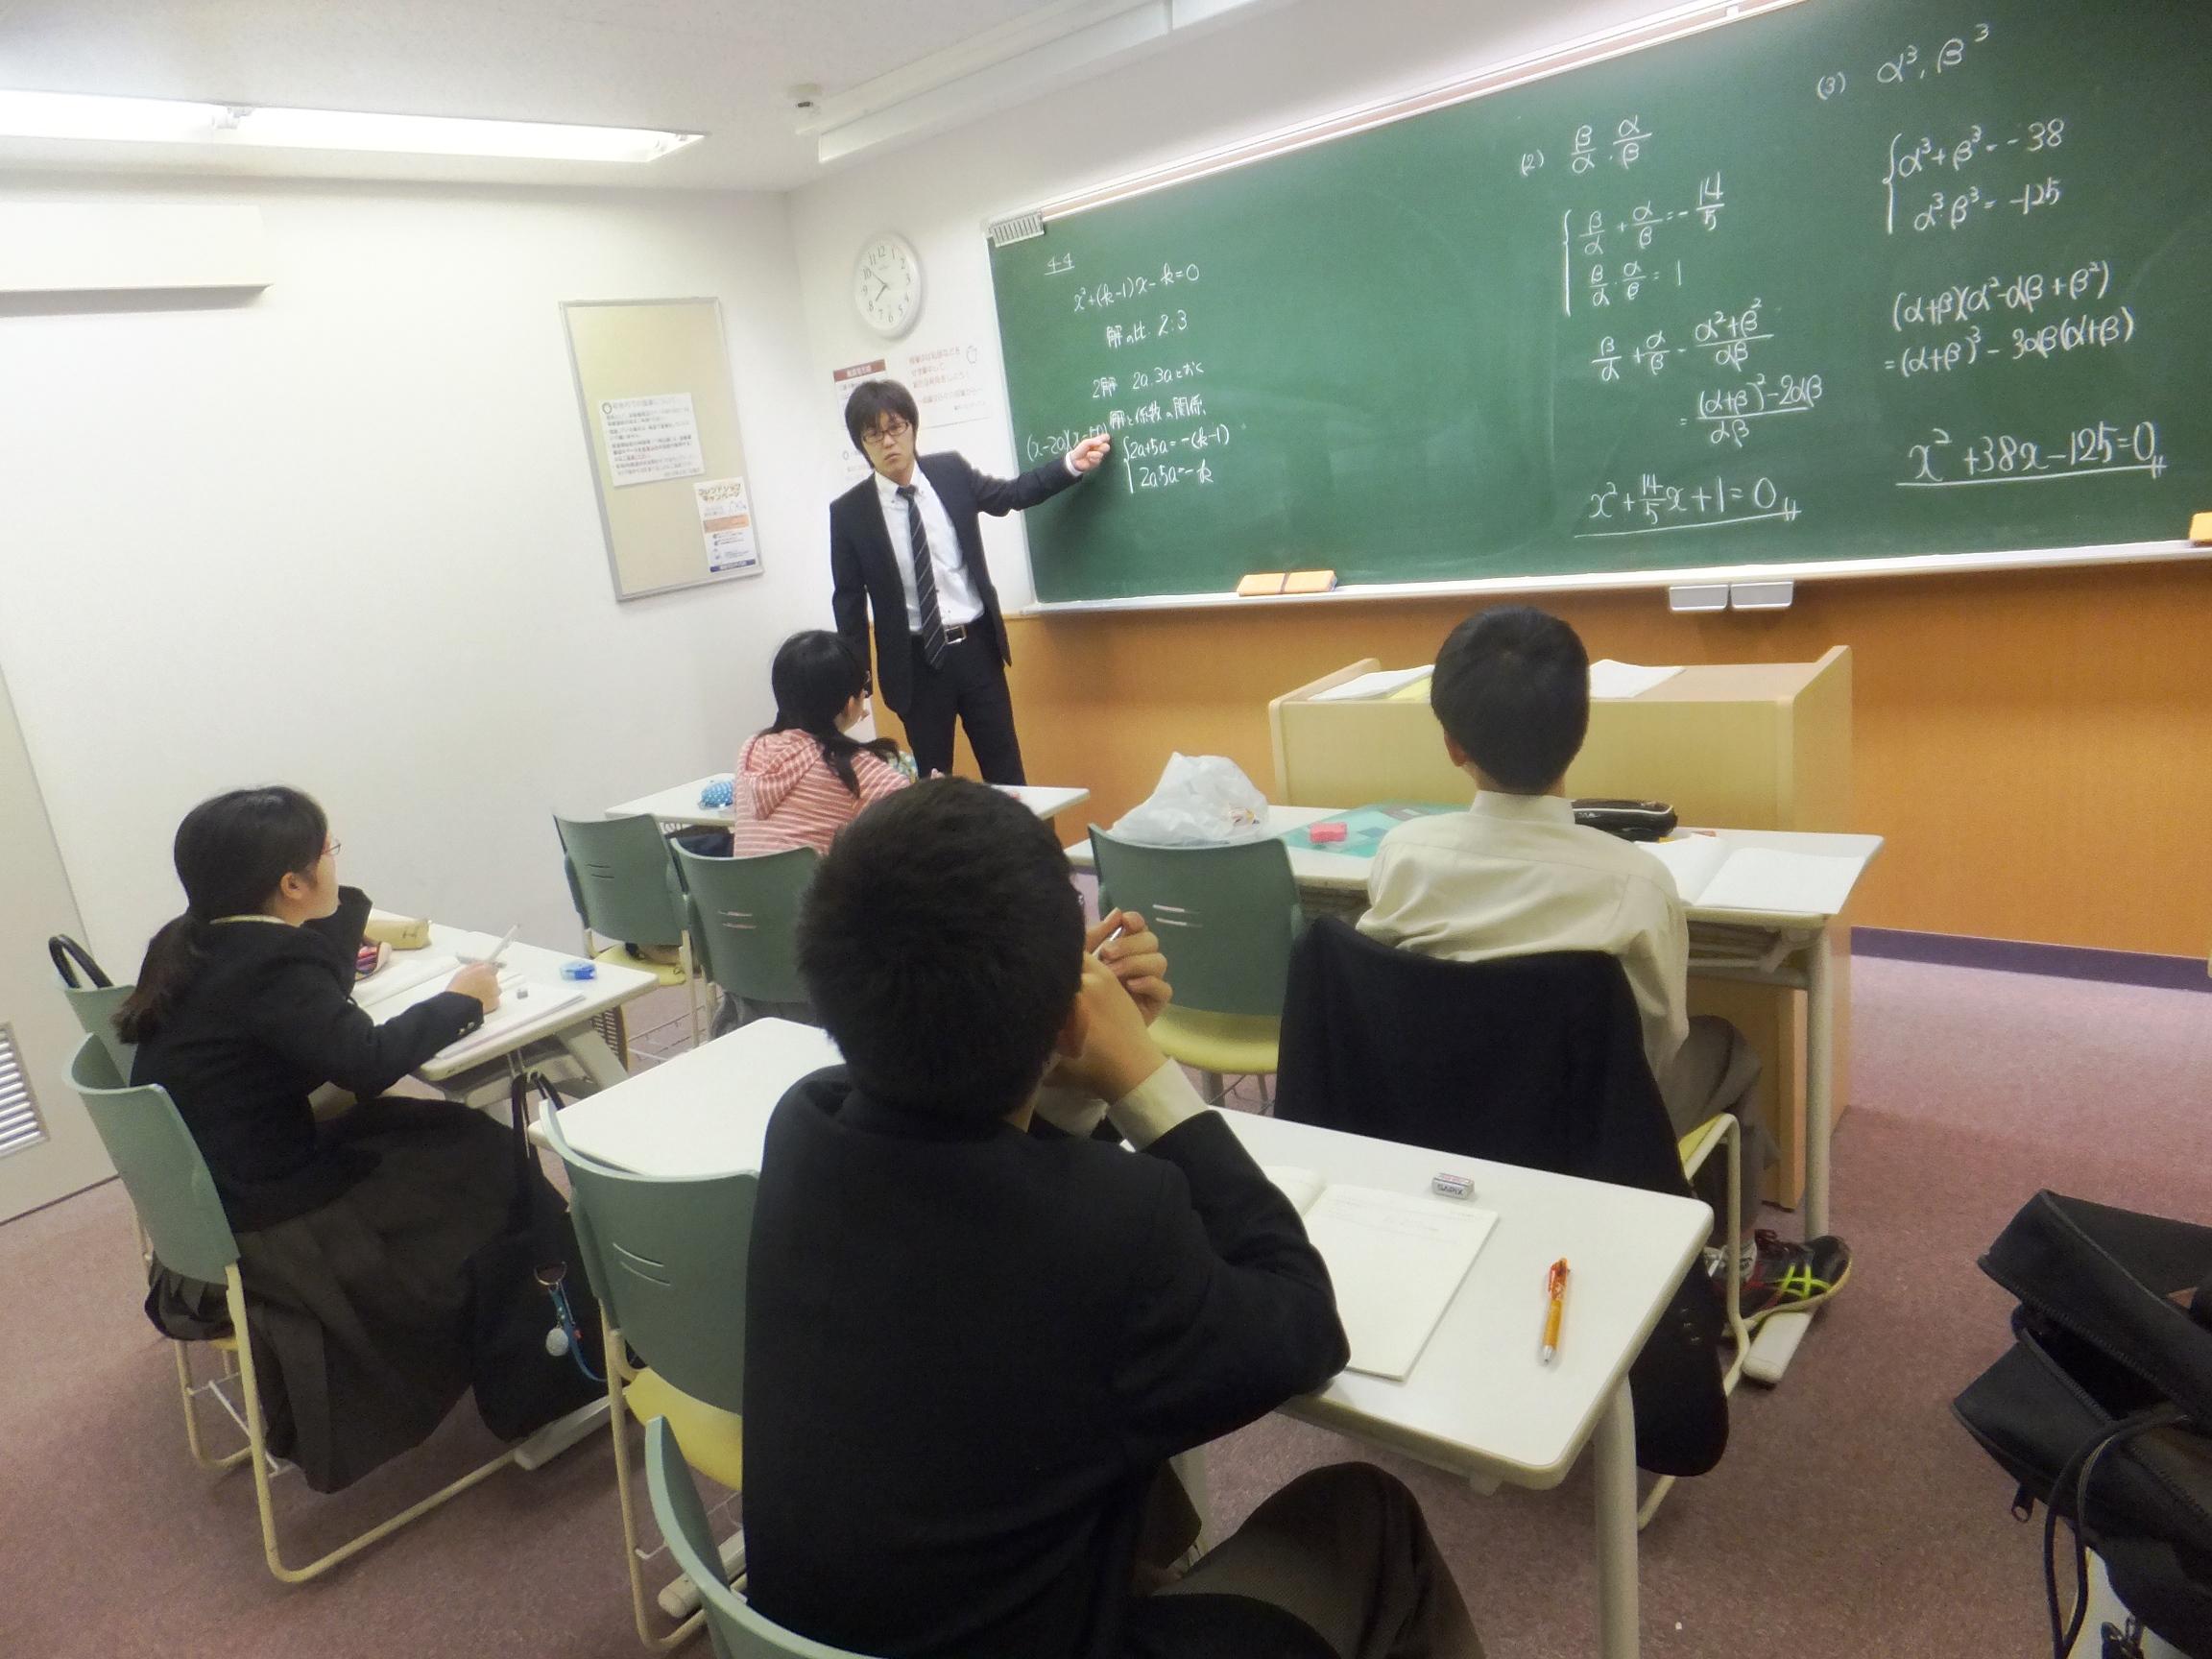 ... 中学部 ニュース » Blog Archive » 中2エクストラ数学 : 数学 中学 : 中学